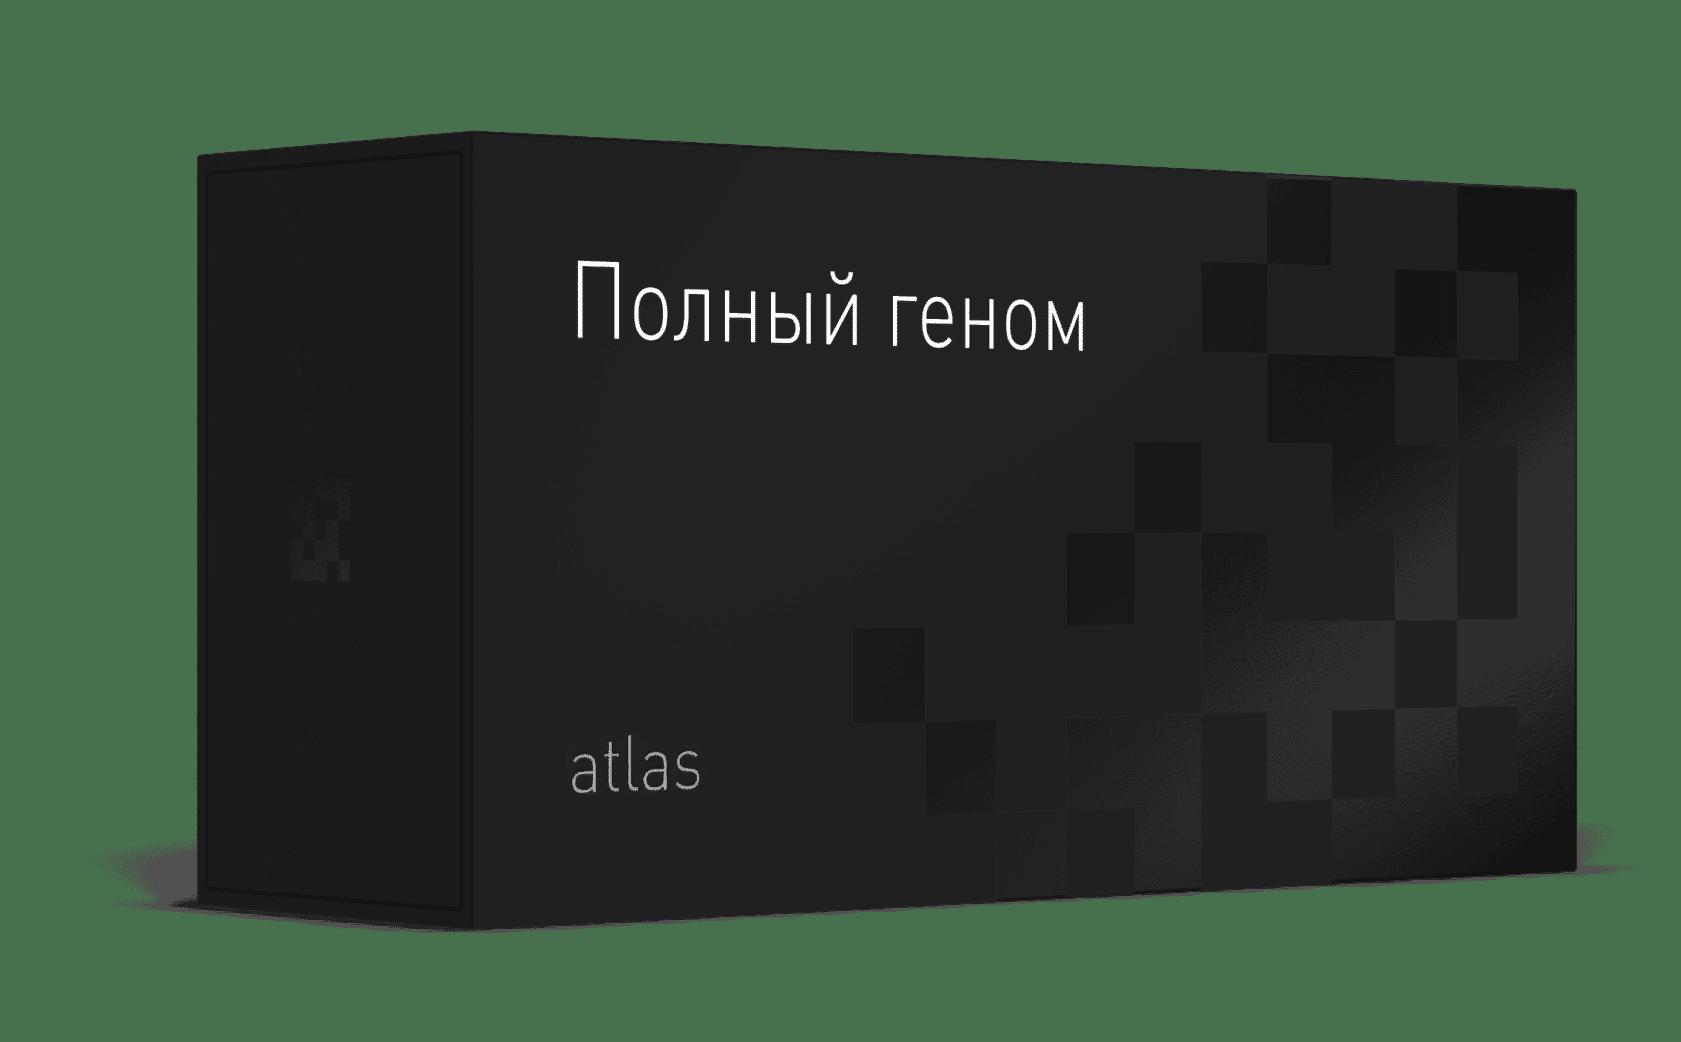 Полный геном Атлас 1 шт.